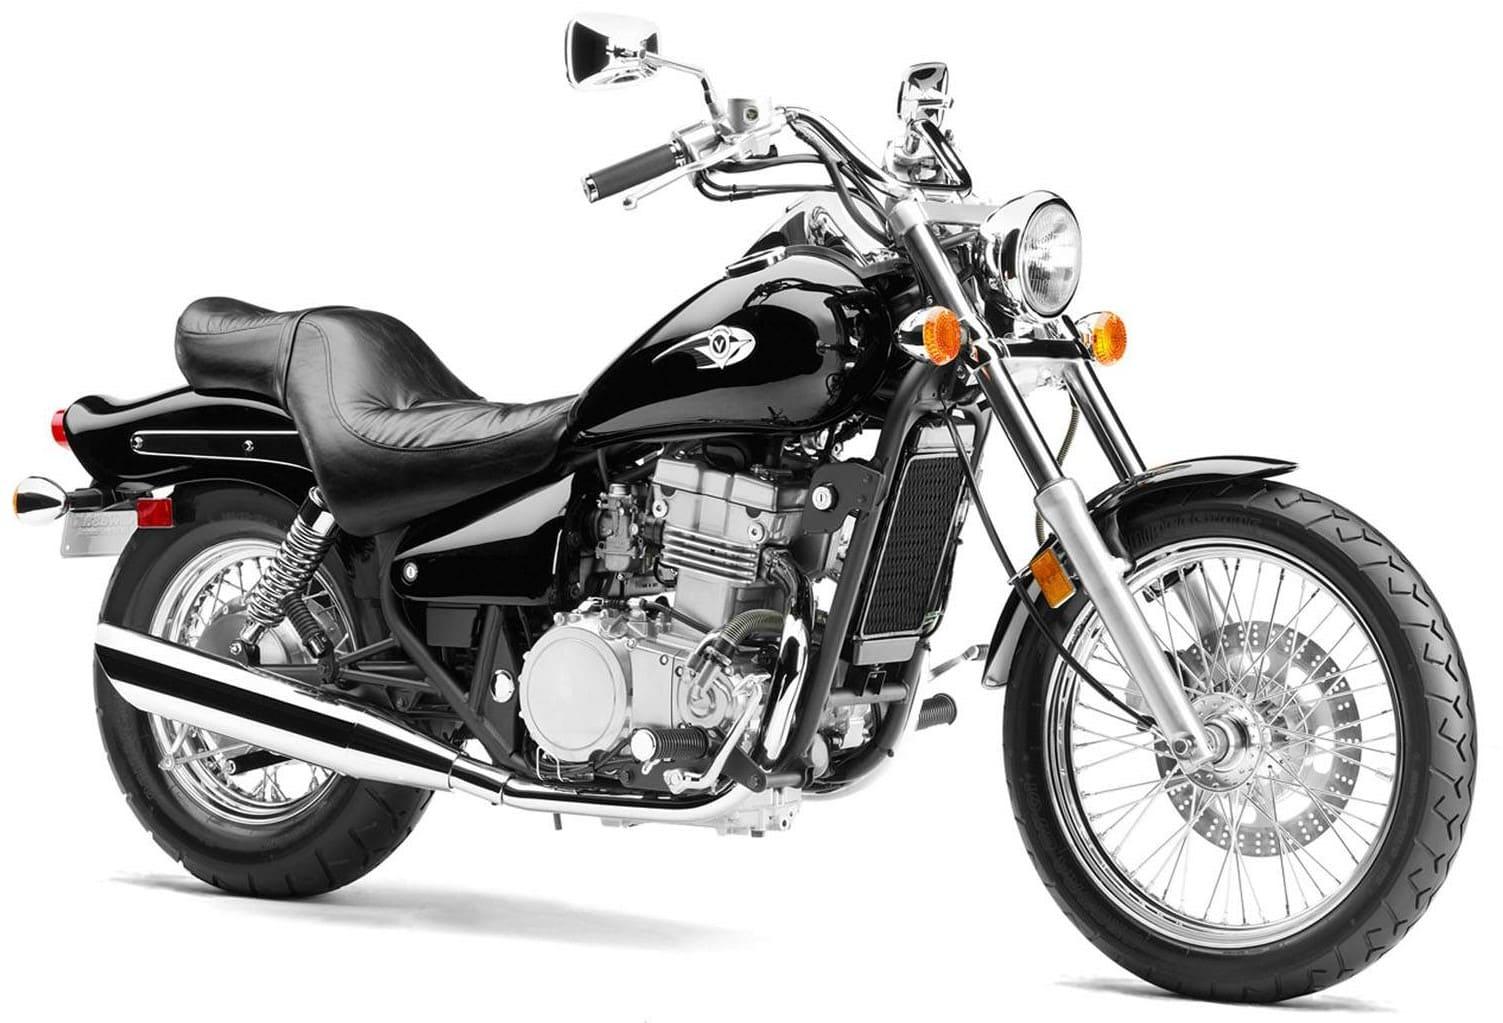 2007 Kawasaki VN 500 Vulcan LTD